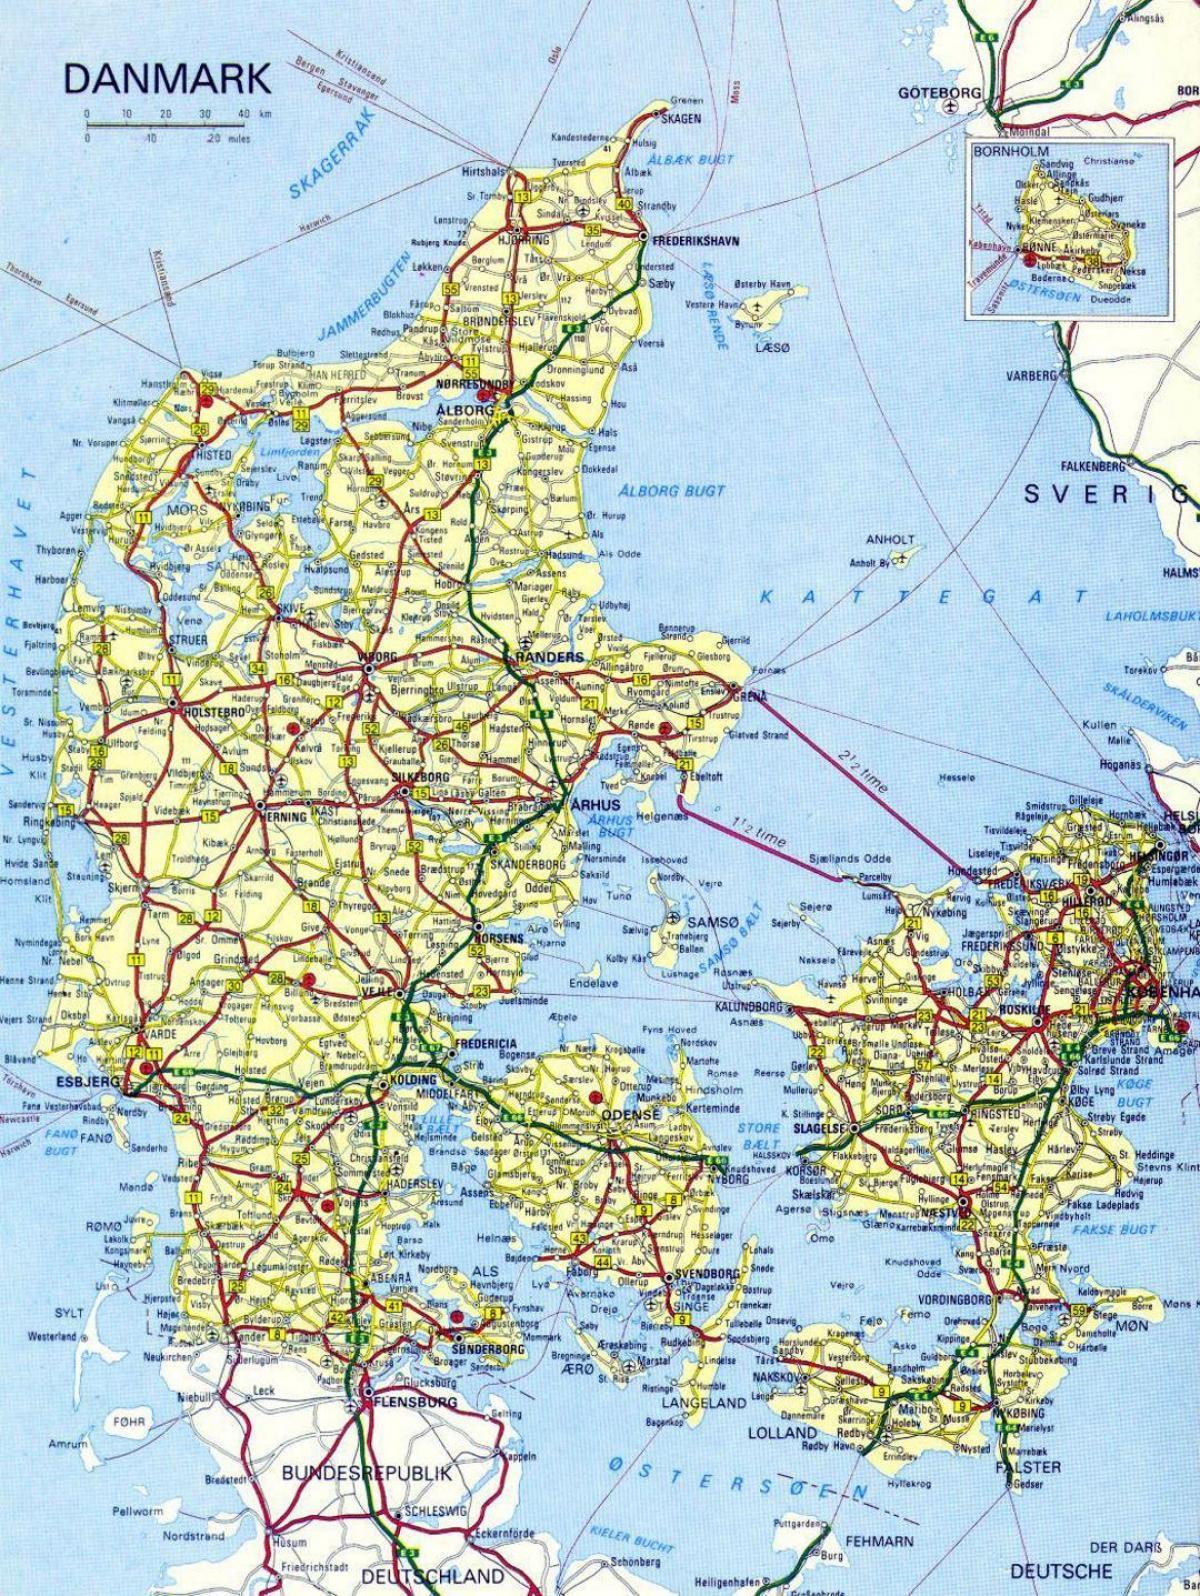 Danmark Stader Karta Danmark Karta Med Stader Norra Europa